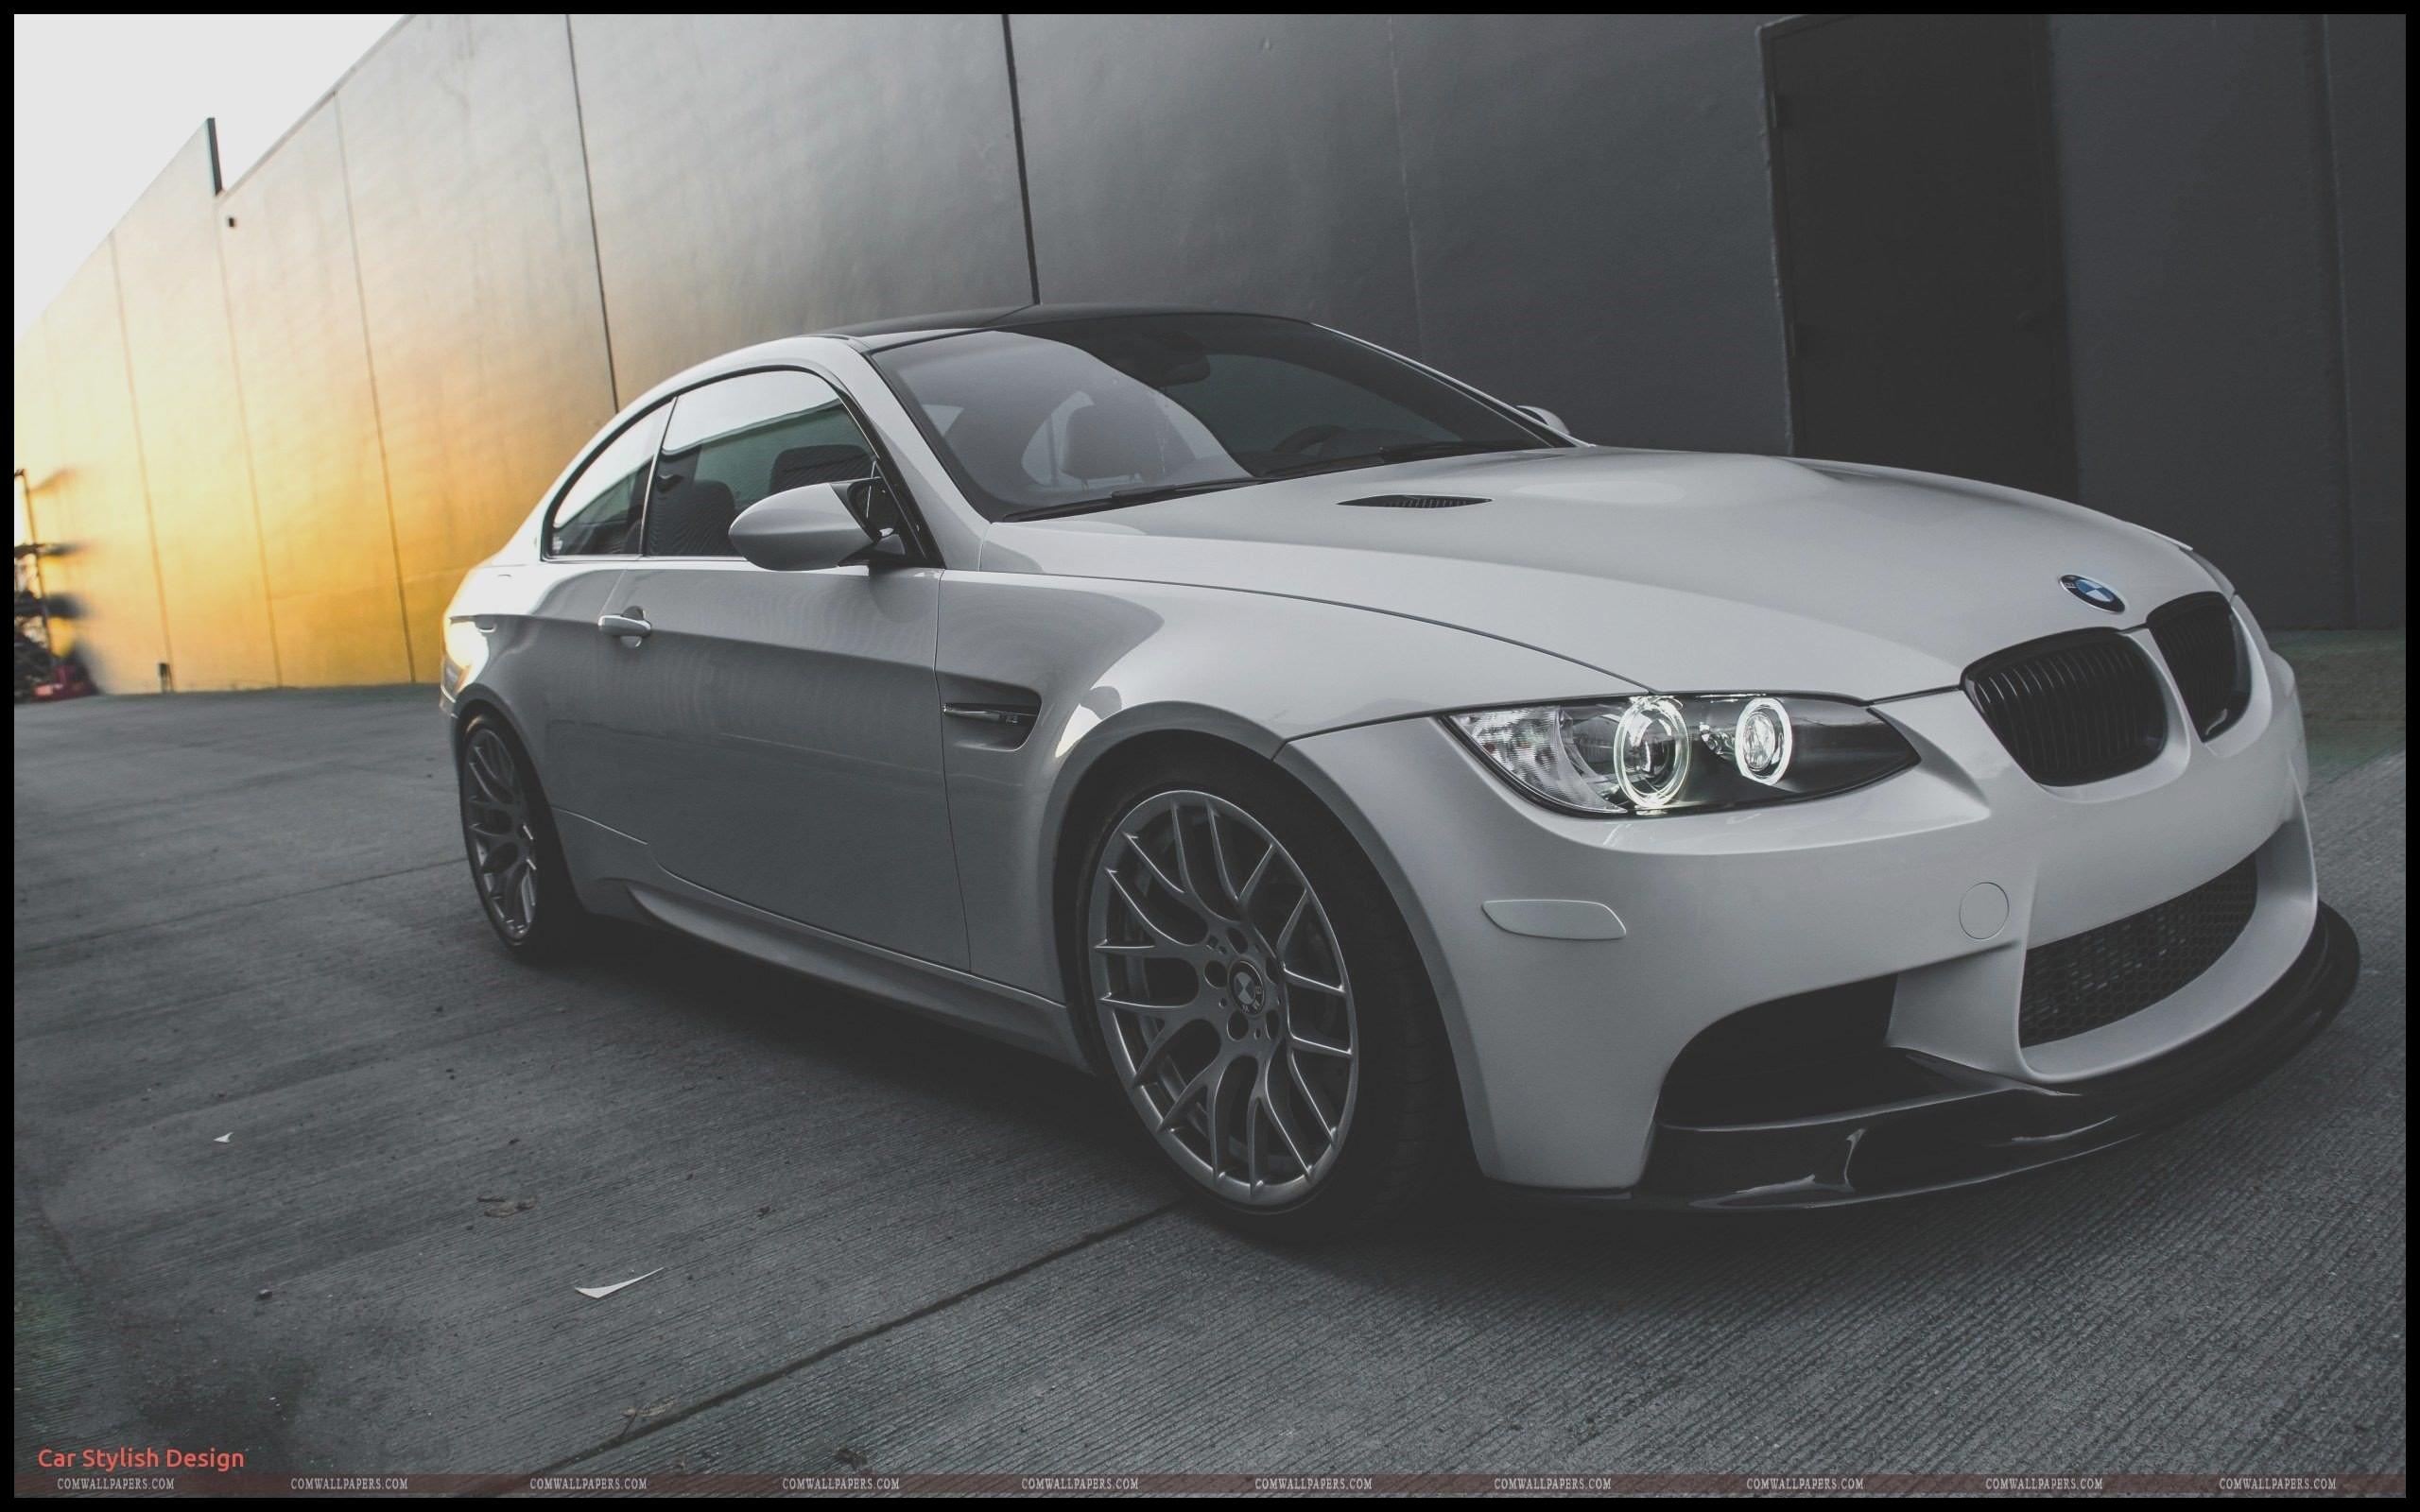 2008 Bmw M3 Fresh 2008 Bmw M3 Luxury Bmw M3 E92 Coupe Hd Wallpaper Hq Bmw M3 Wallpaper Hd